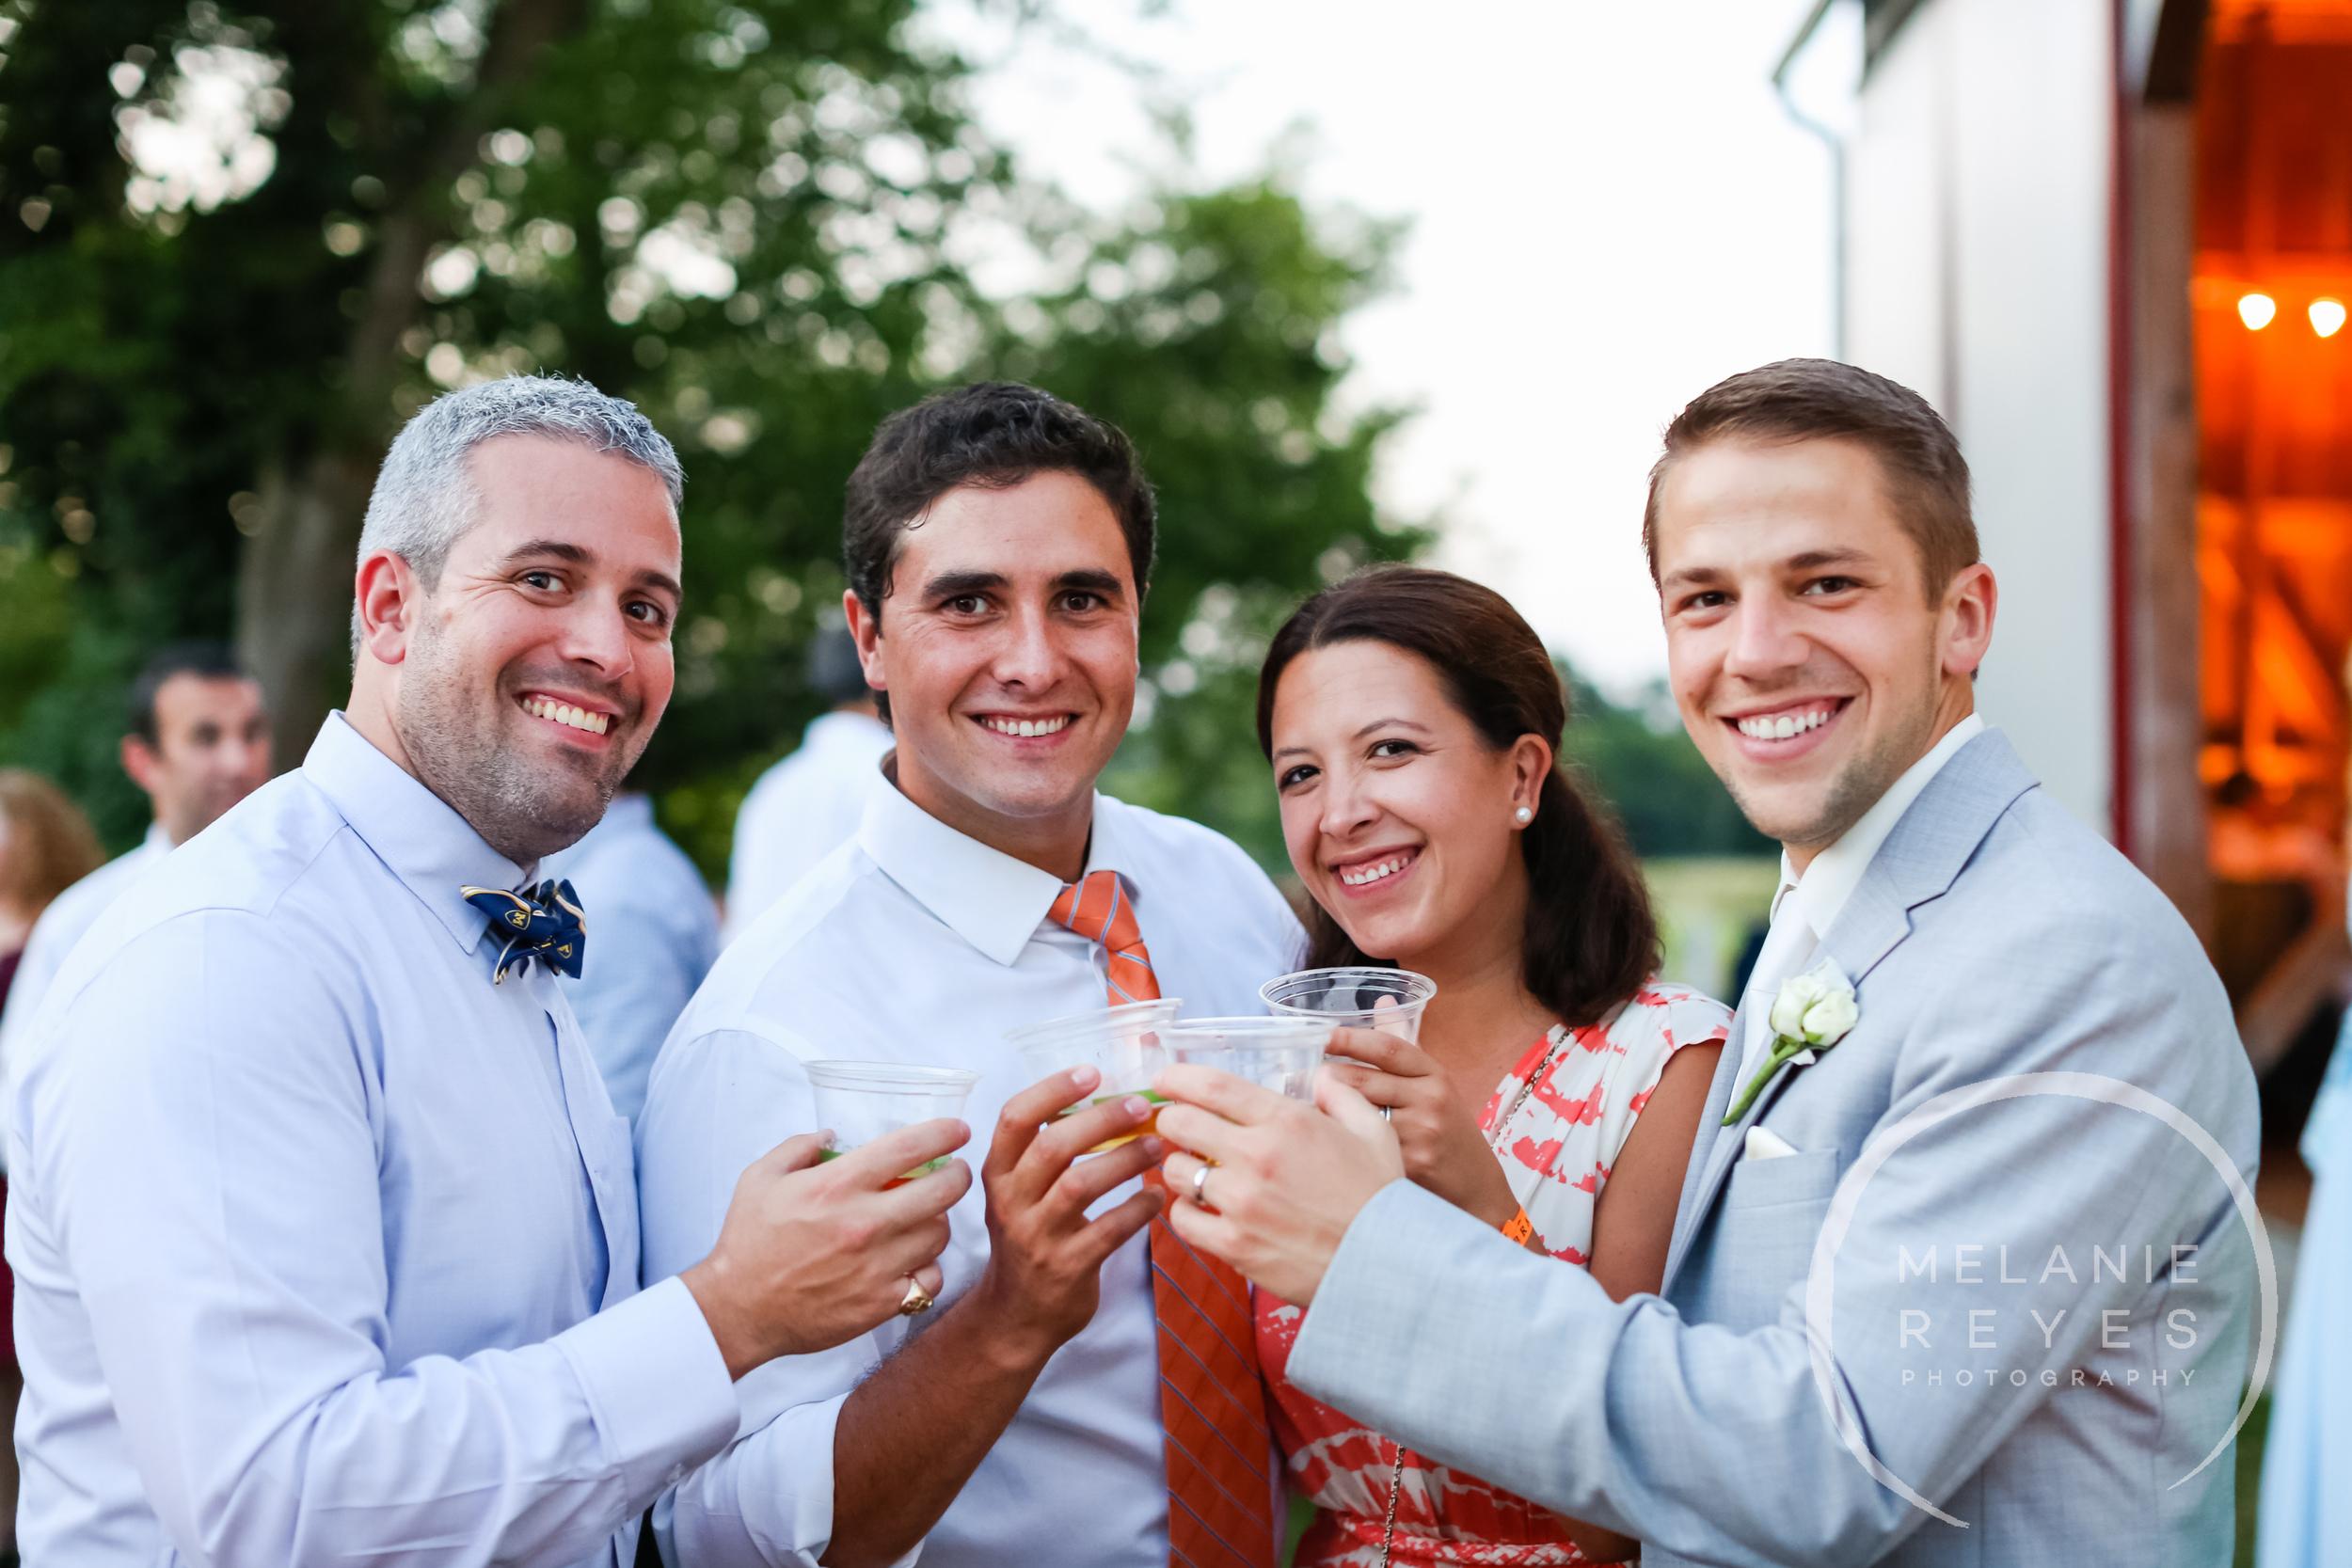 083_farm_wedding_melanie_reyes.JPG